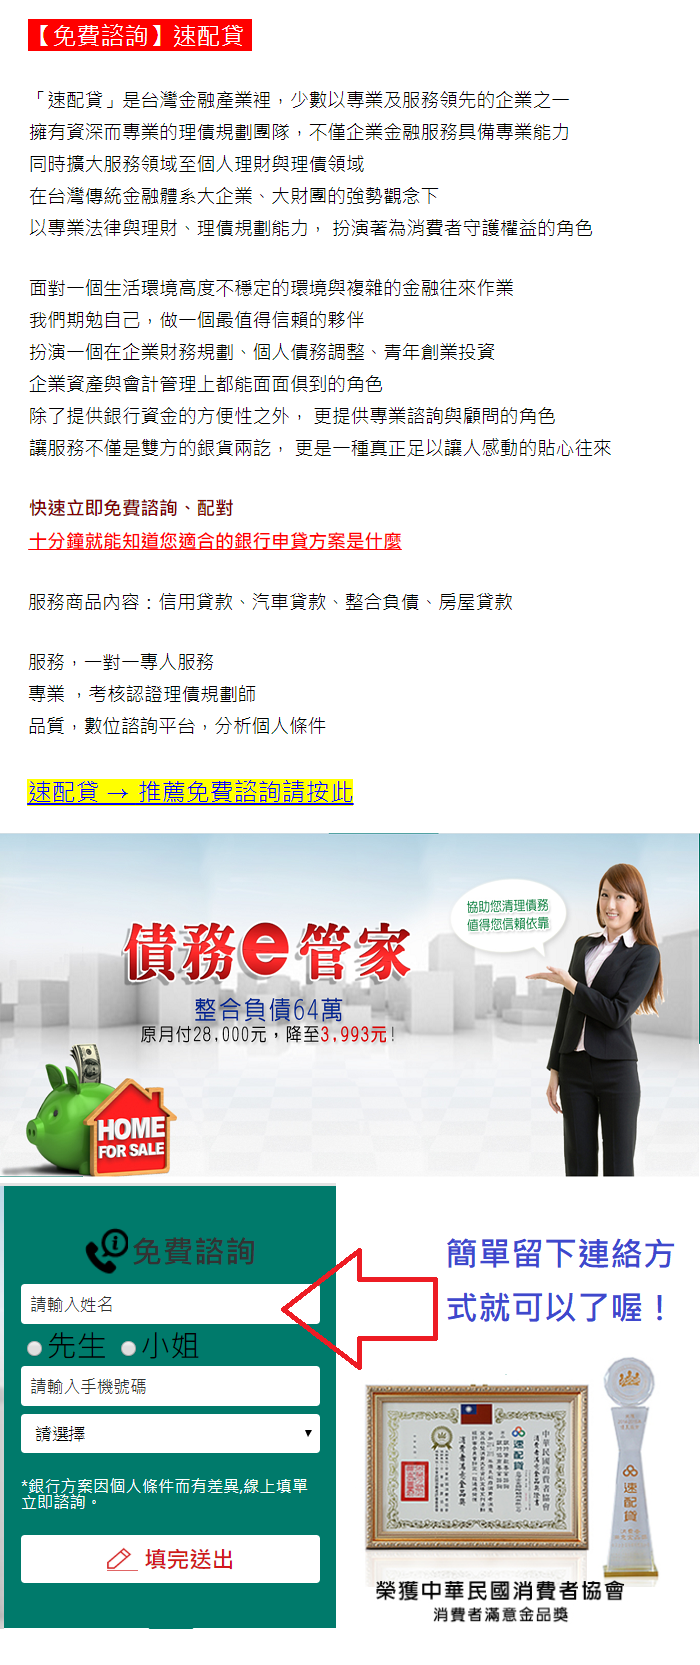 房貸寬限期延長方法